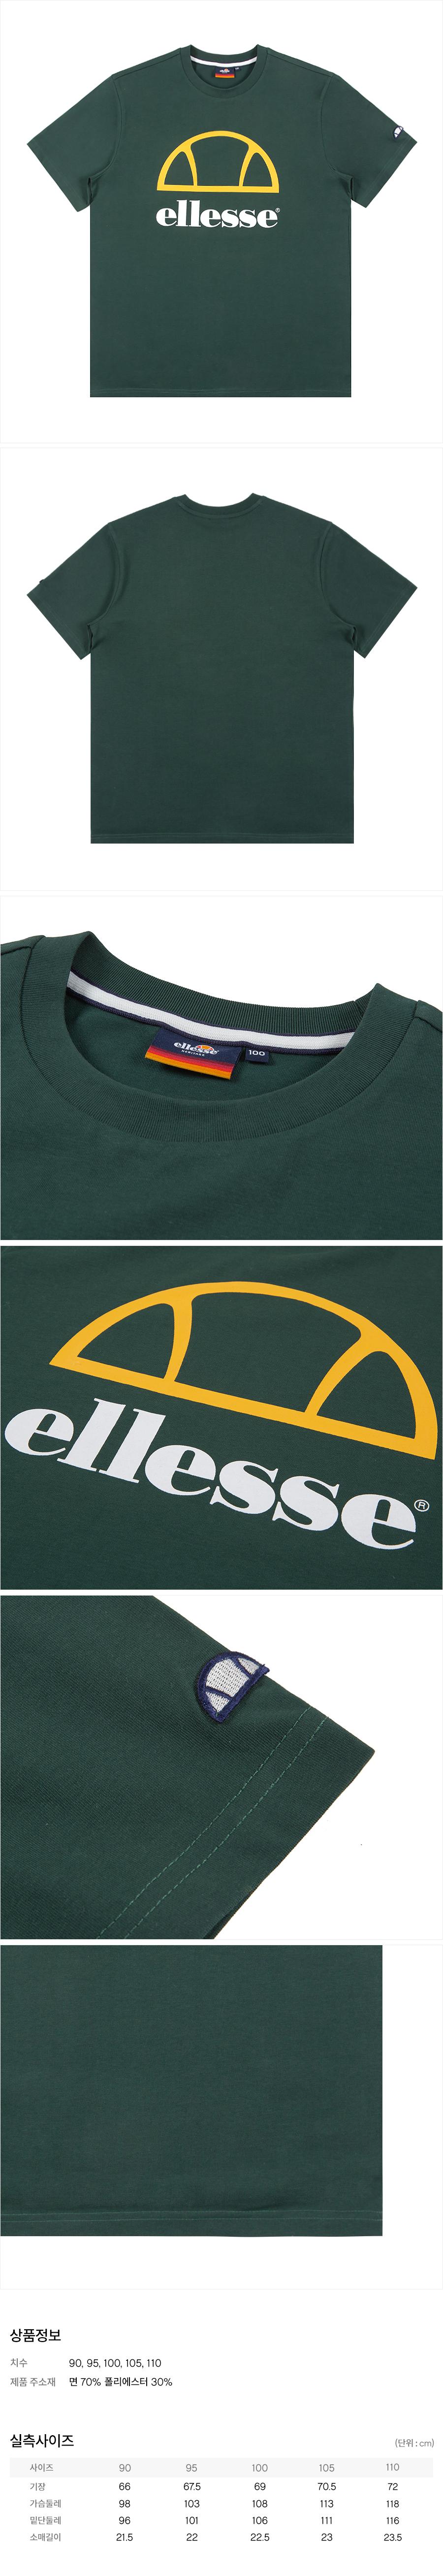 엘레쎄(ELLESSE) 빅 로고 베이직 티셔츠(딥그린)EJ2UHTR343